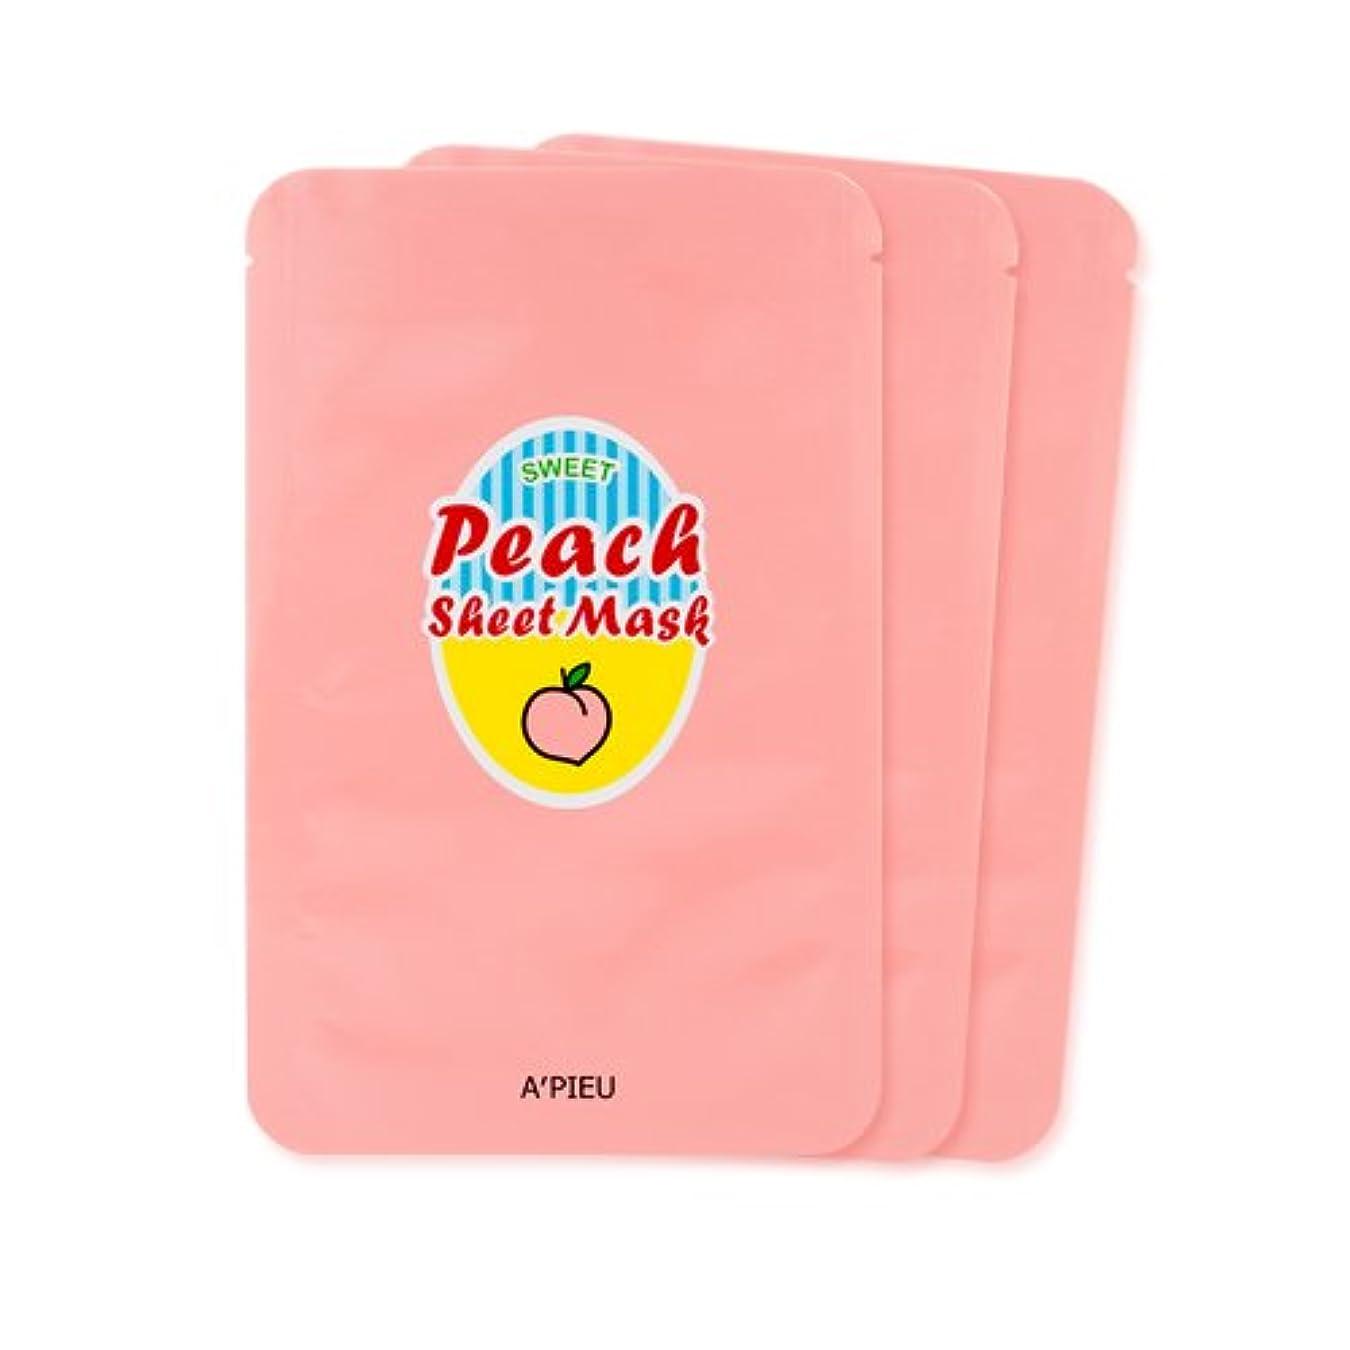 日食無声でかわすA'PIEU Sweet Peach Sheet Mask 3EA / [オピュ/アピュ] スイートピーチシートマスク3枚 [並行輸入品]